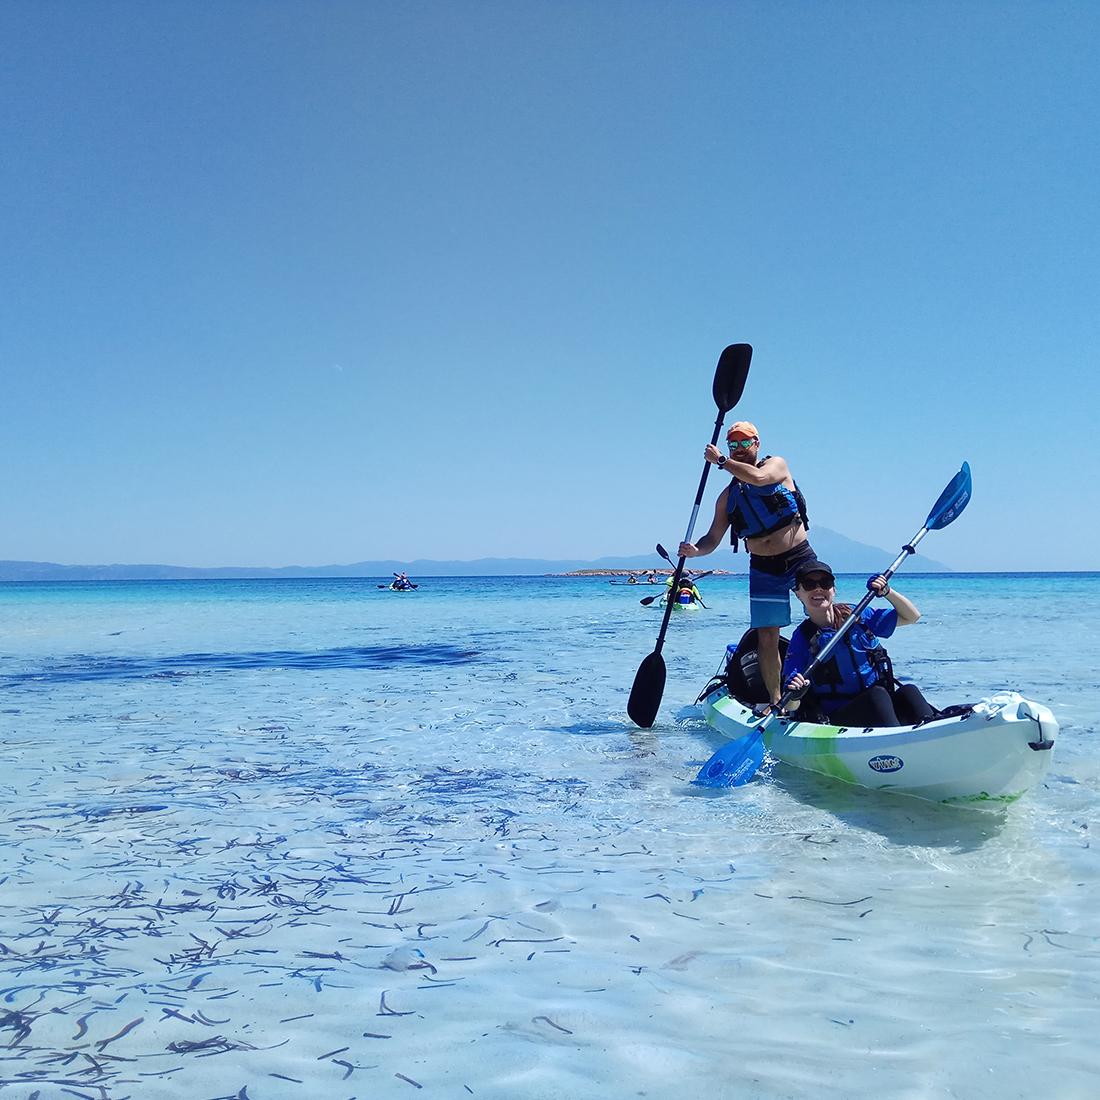 Full Day Kayak Tour - EXPLORERS -Tours Halkidiki 2